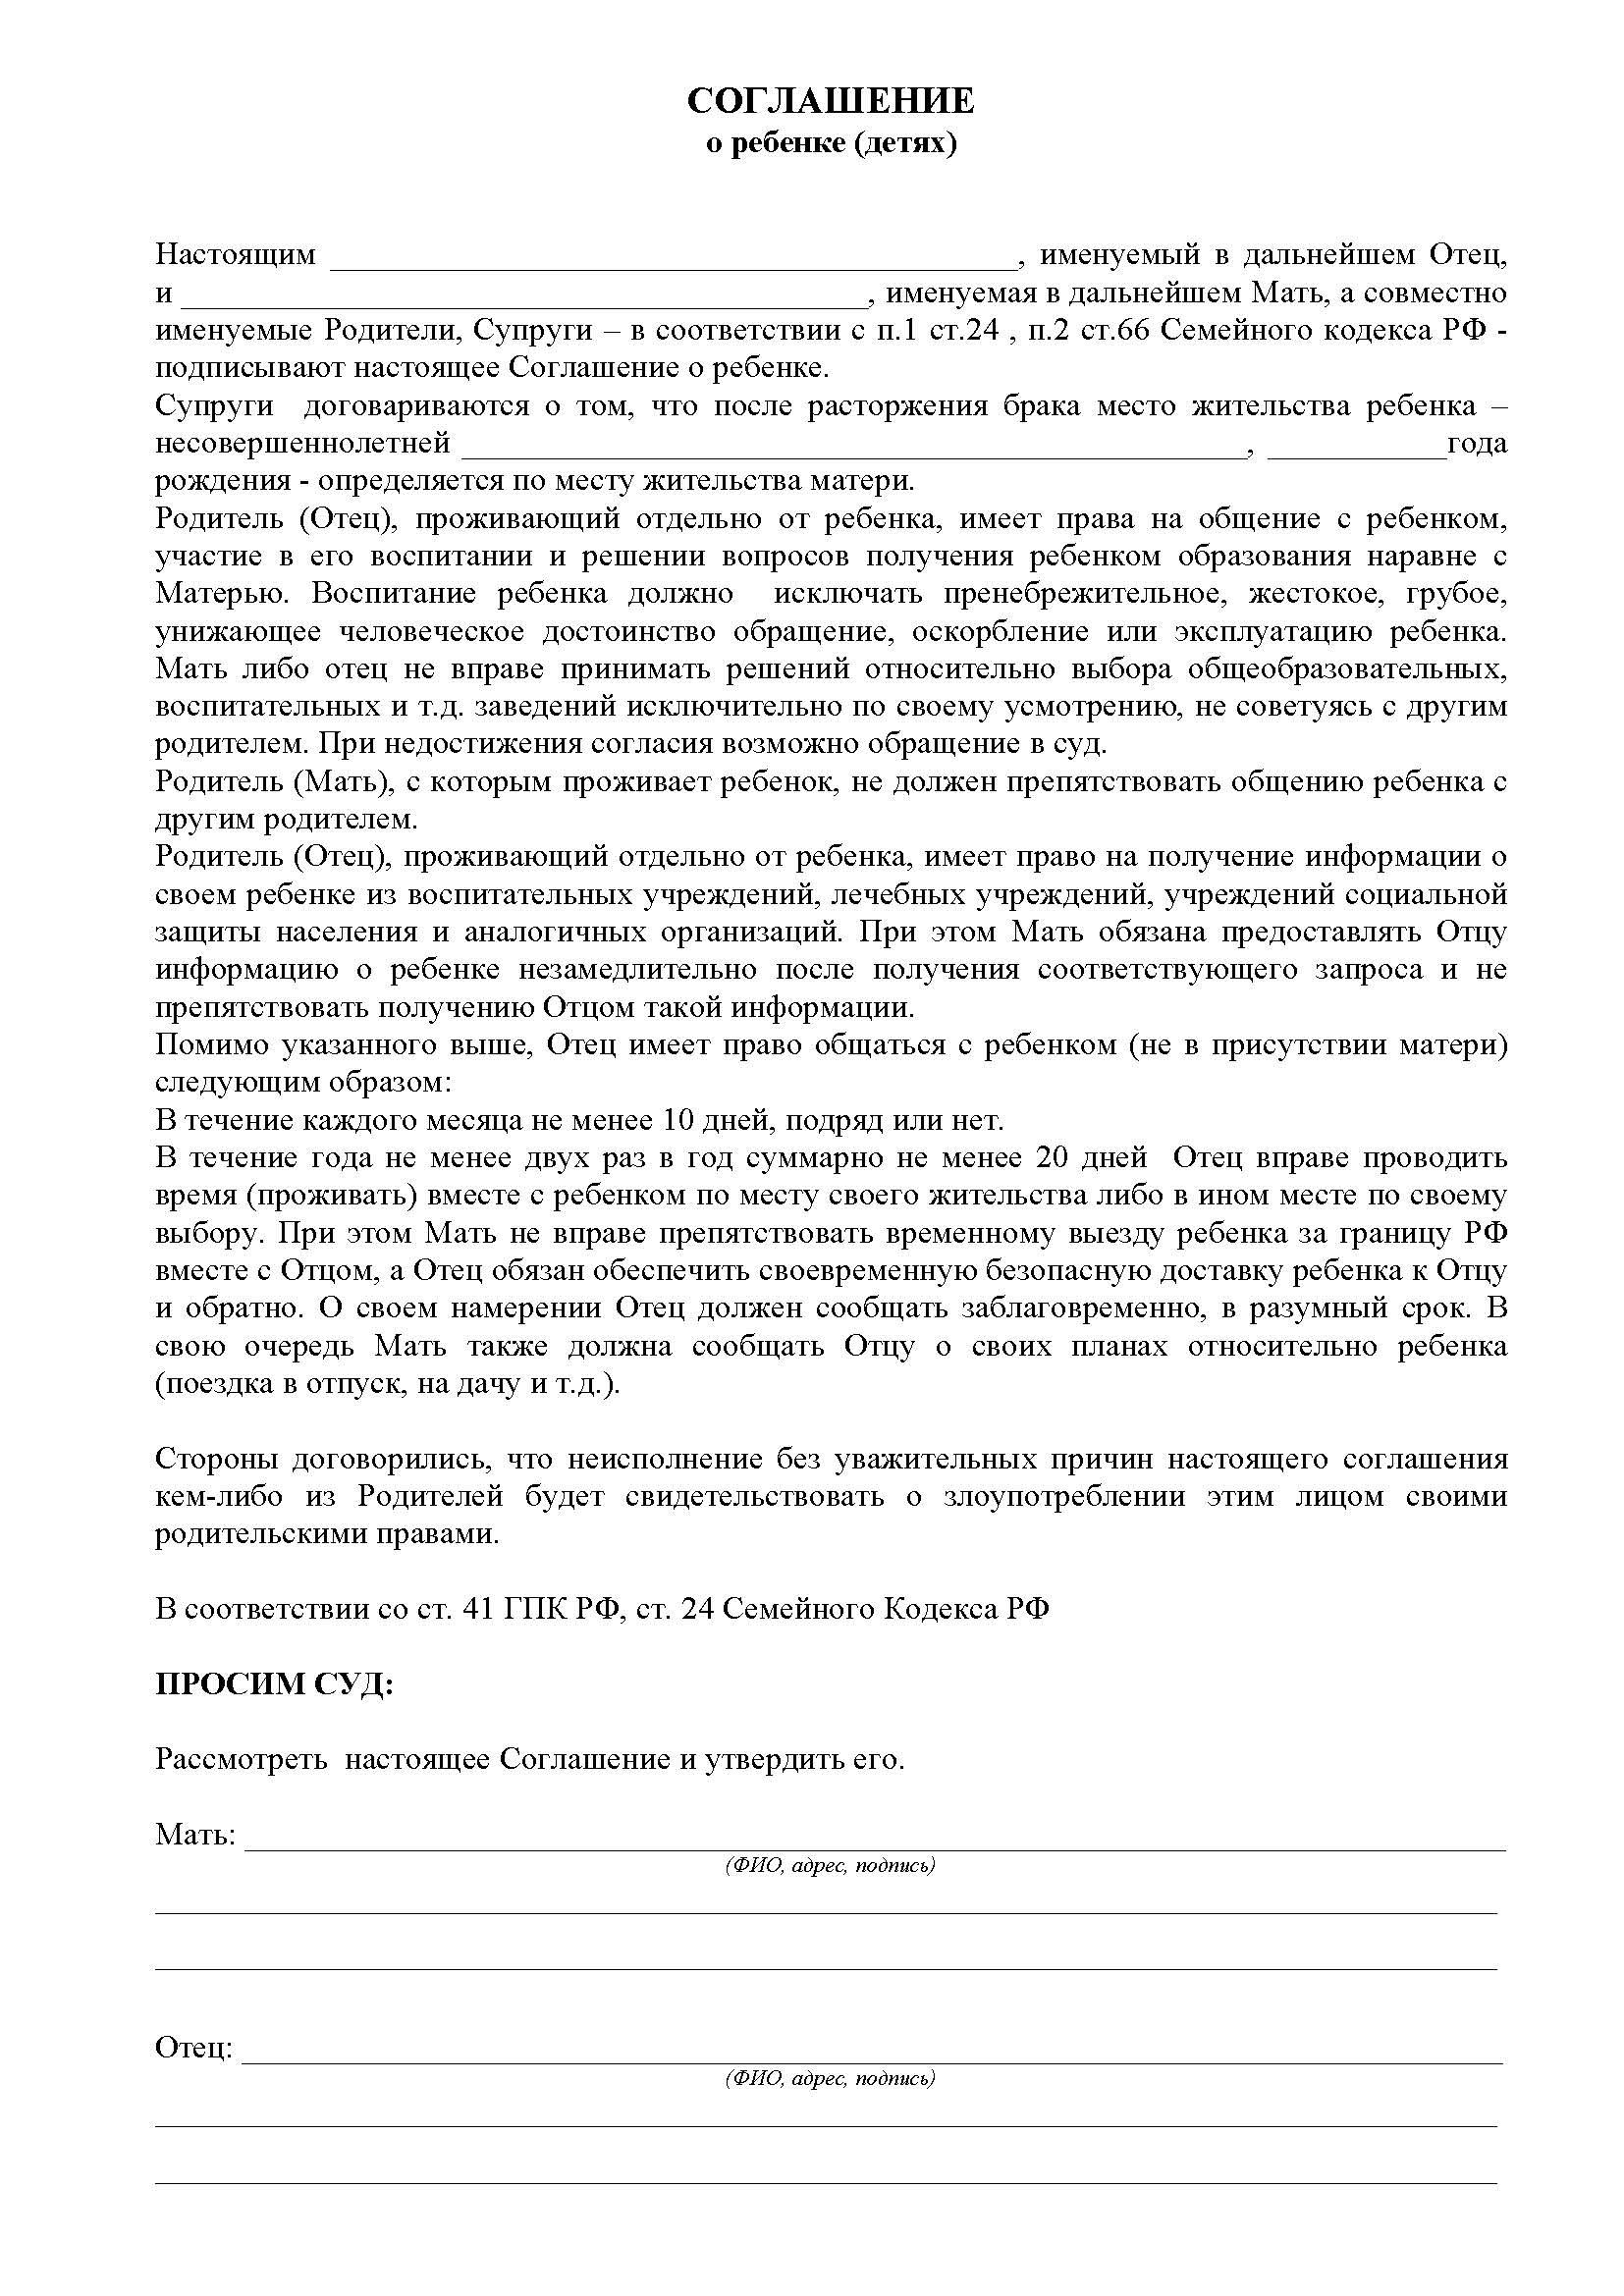 содержание и форма соглашения